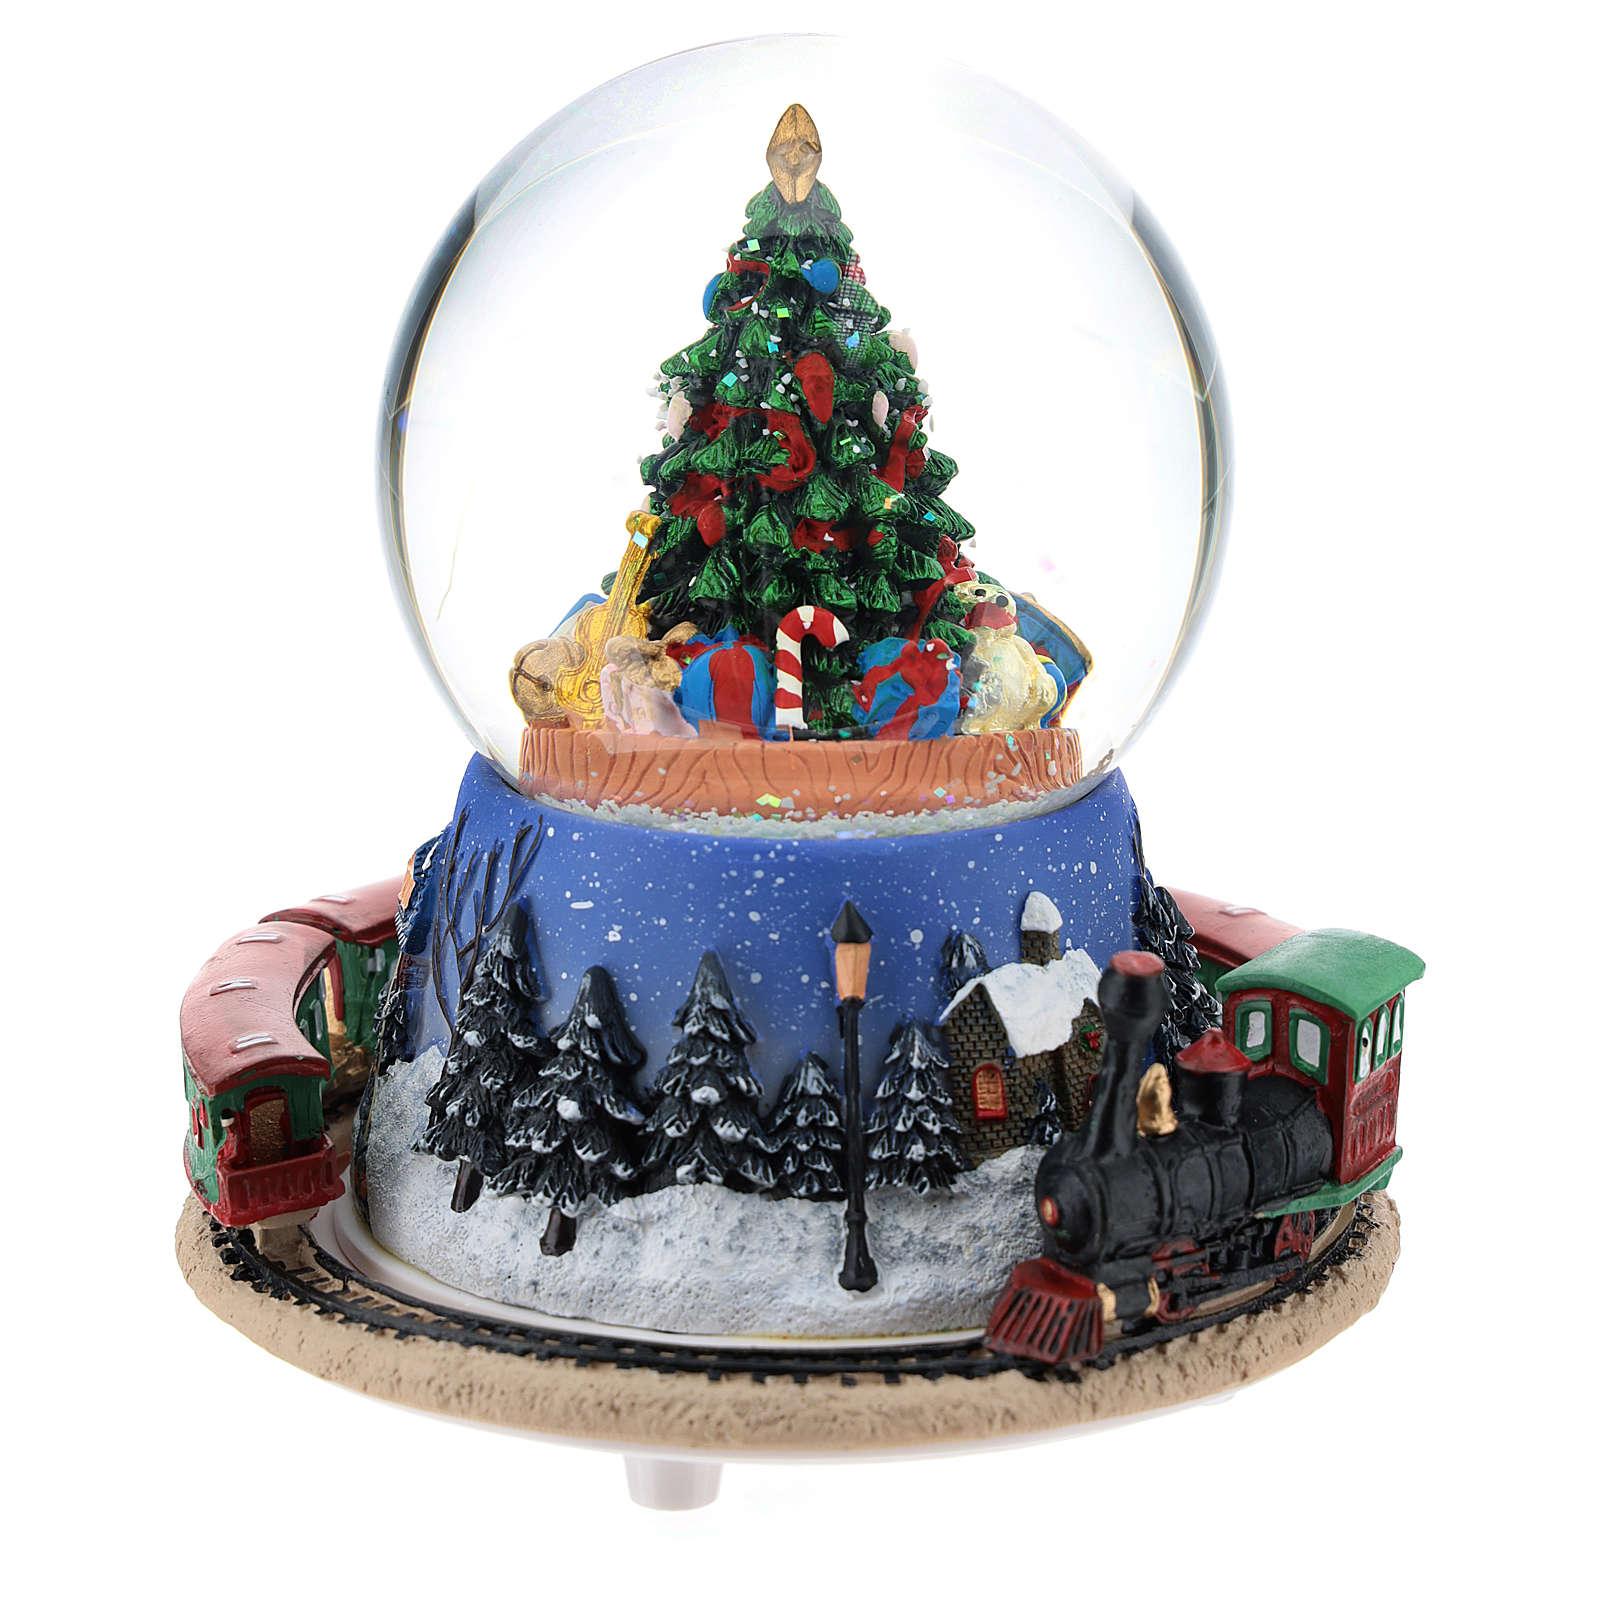 Schneekugel mit Weihnachtsbaum und Zug, 15 cm hoch 3